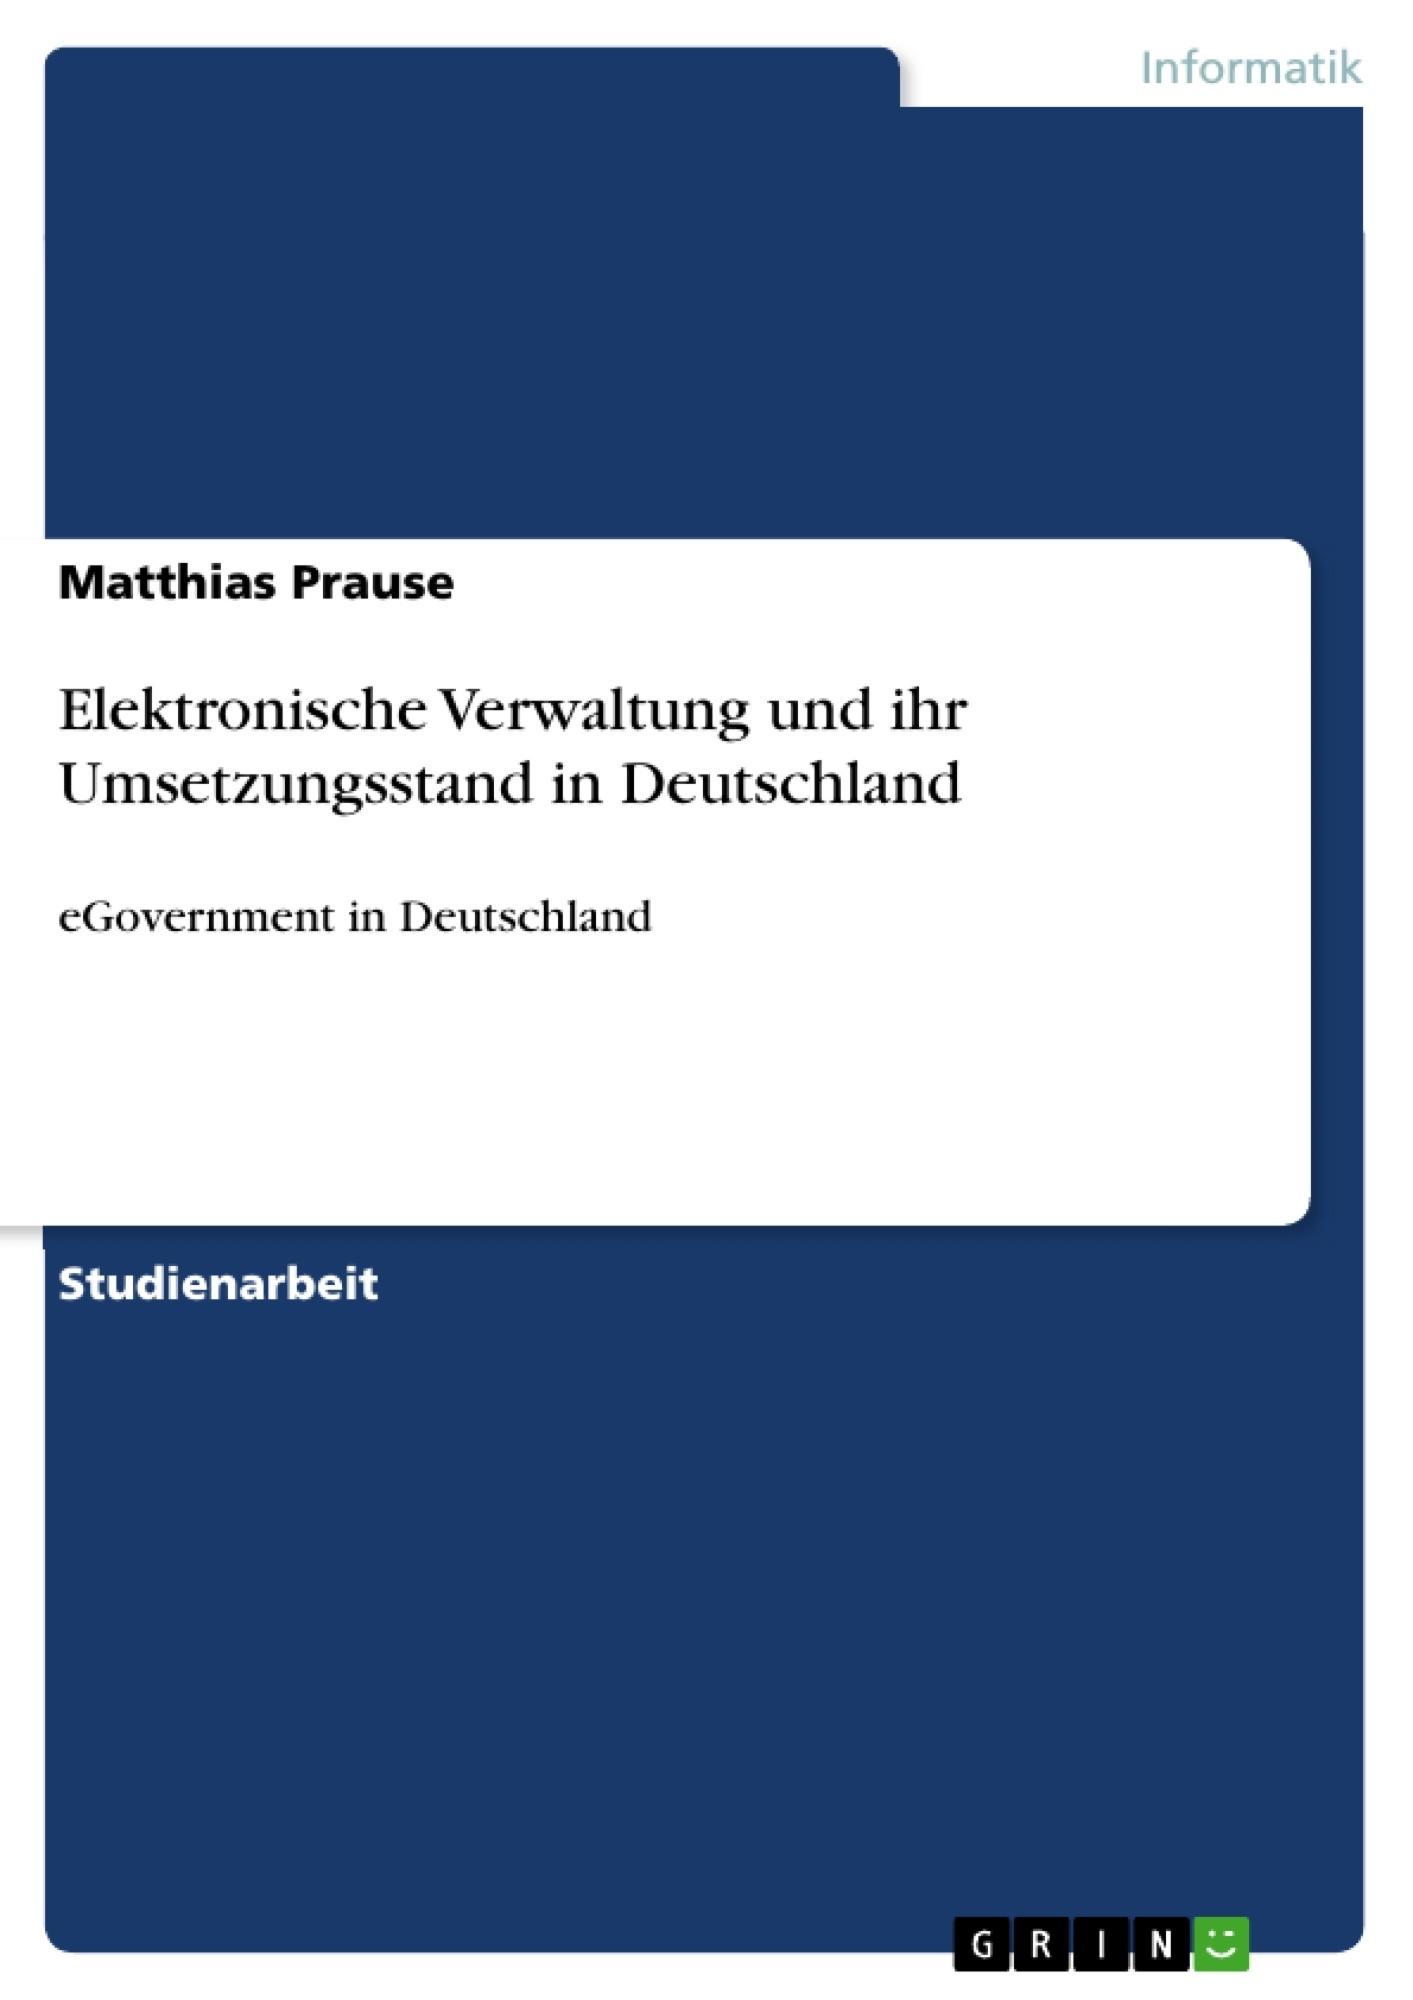 Titel: Elektronische Verwaltung  und ihr Umsetzungsstand in Deutschland